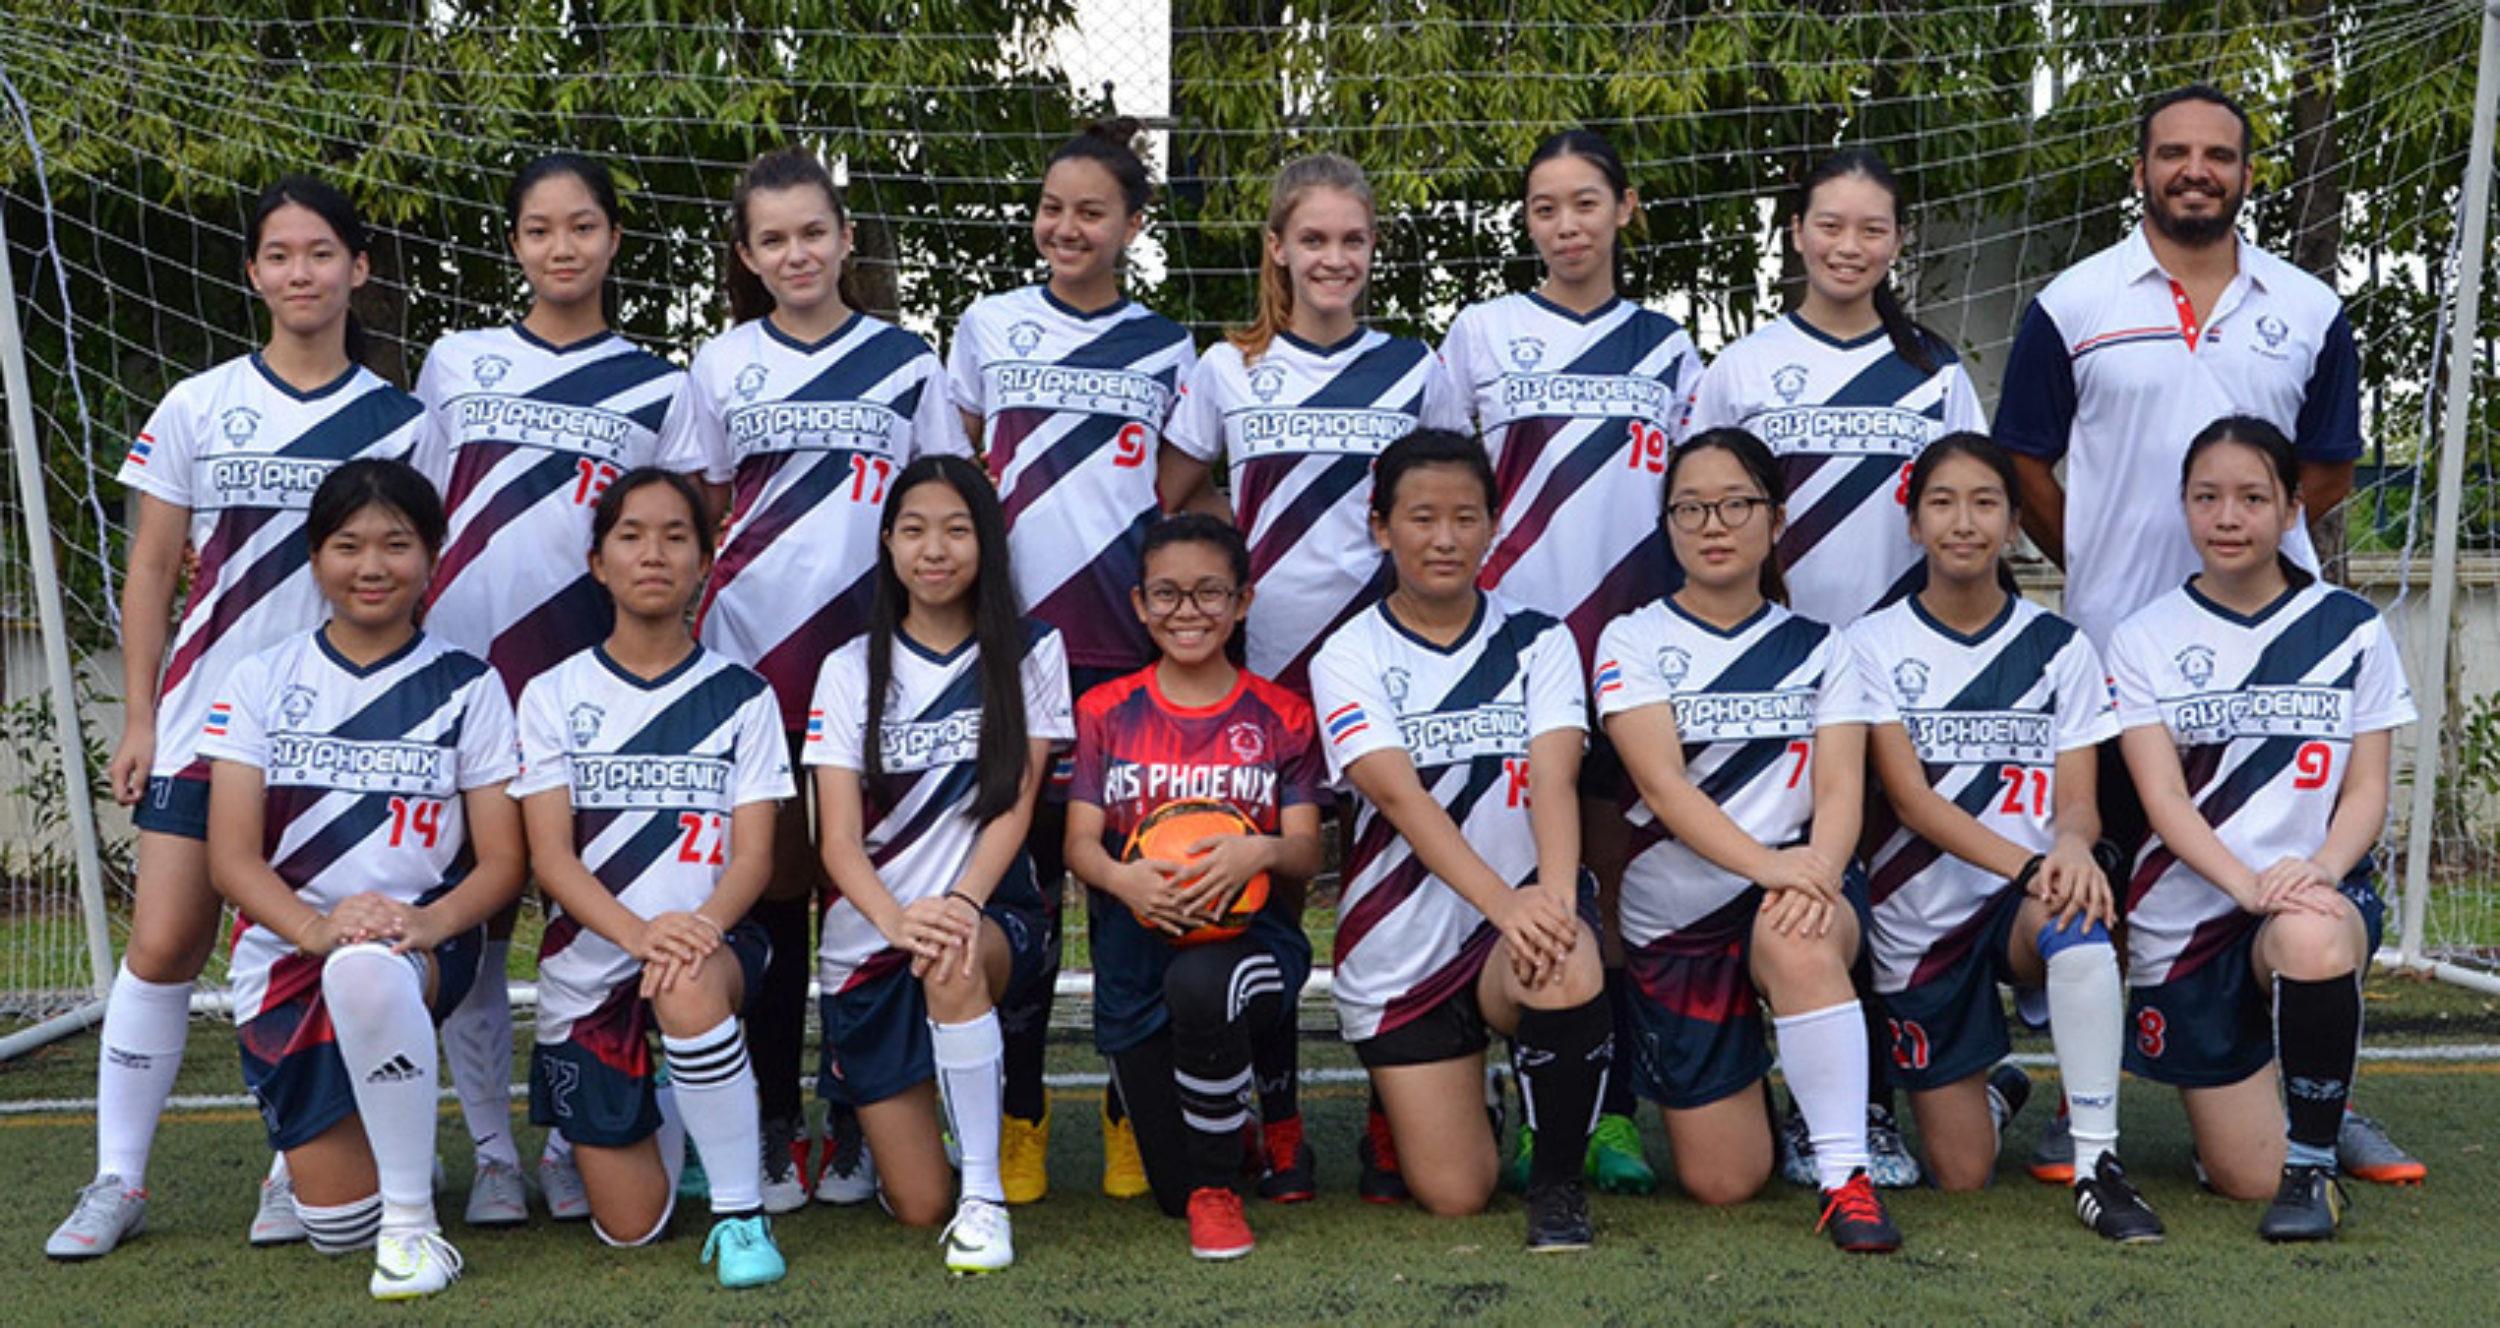 New Jv Girls Soccer